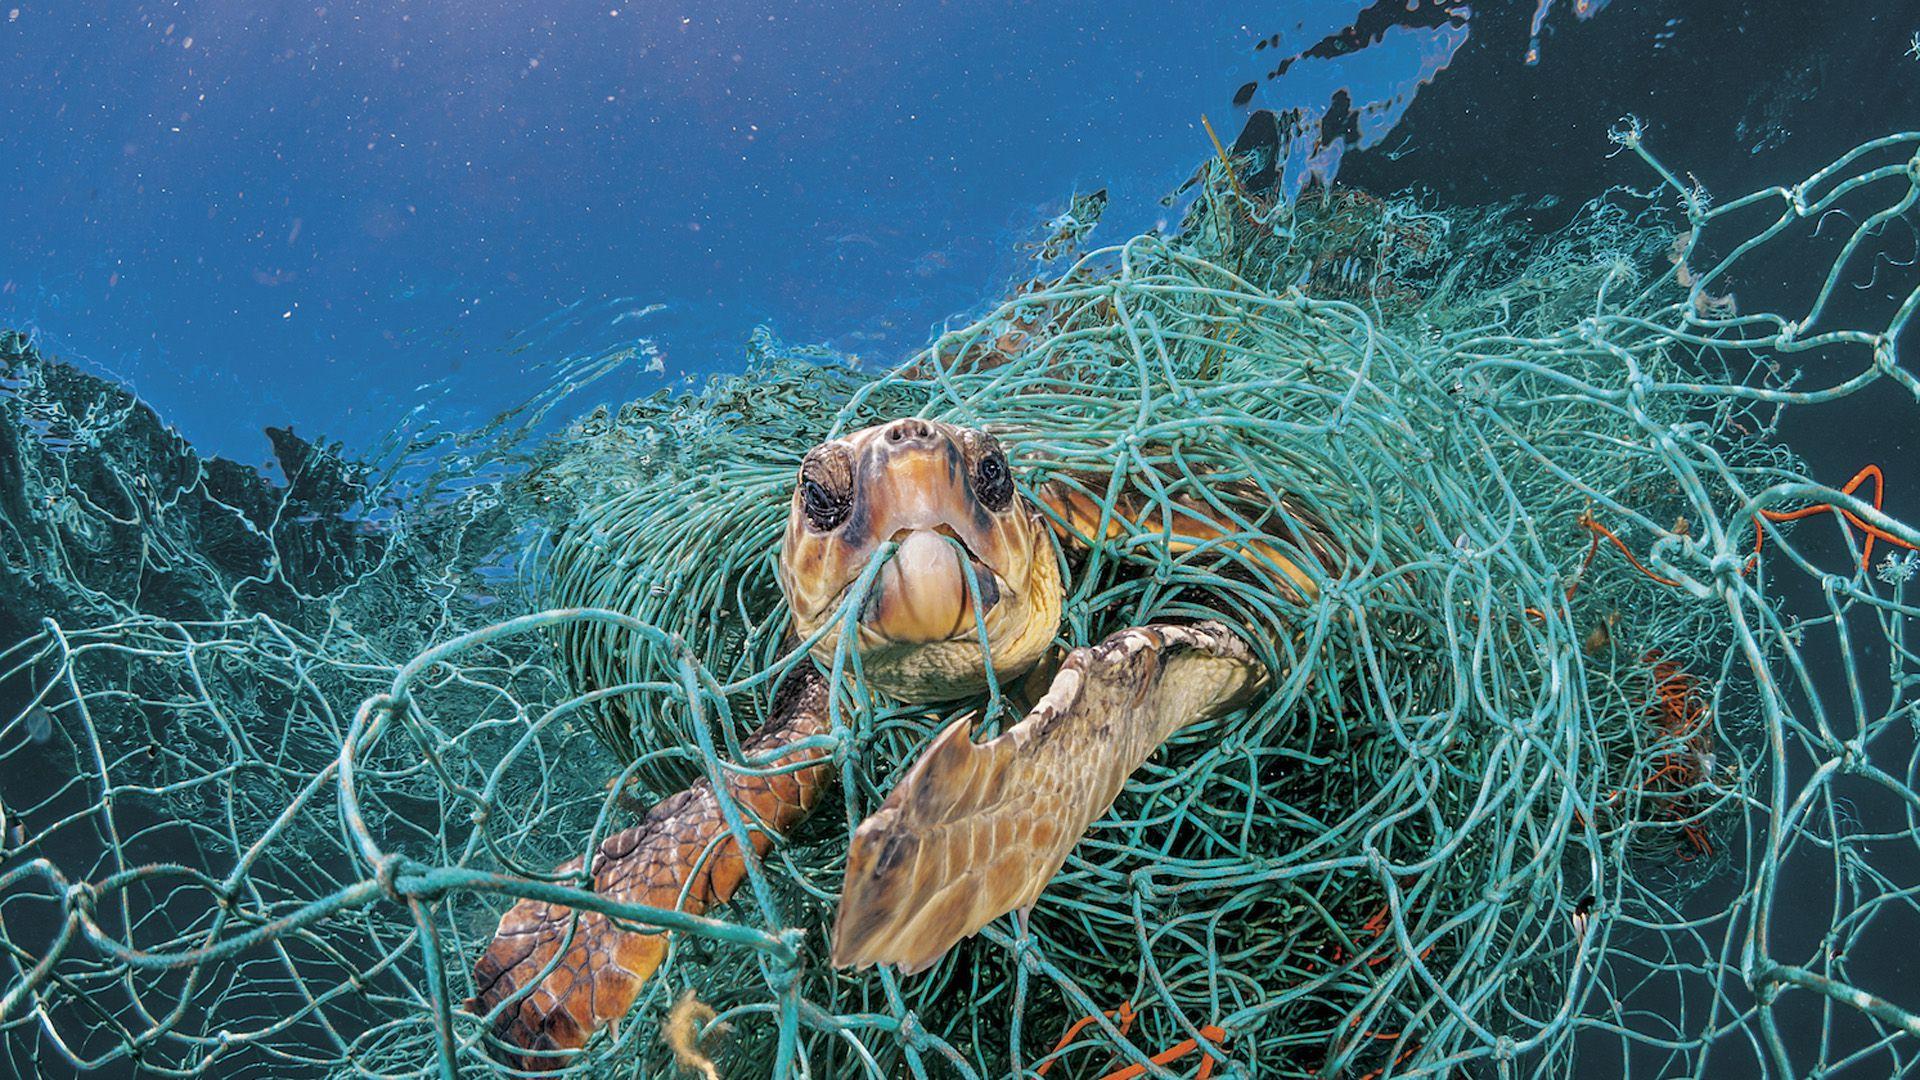 Una tortuga es atrapada por una red plástica (NatGeo)